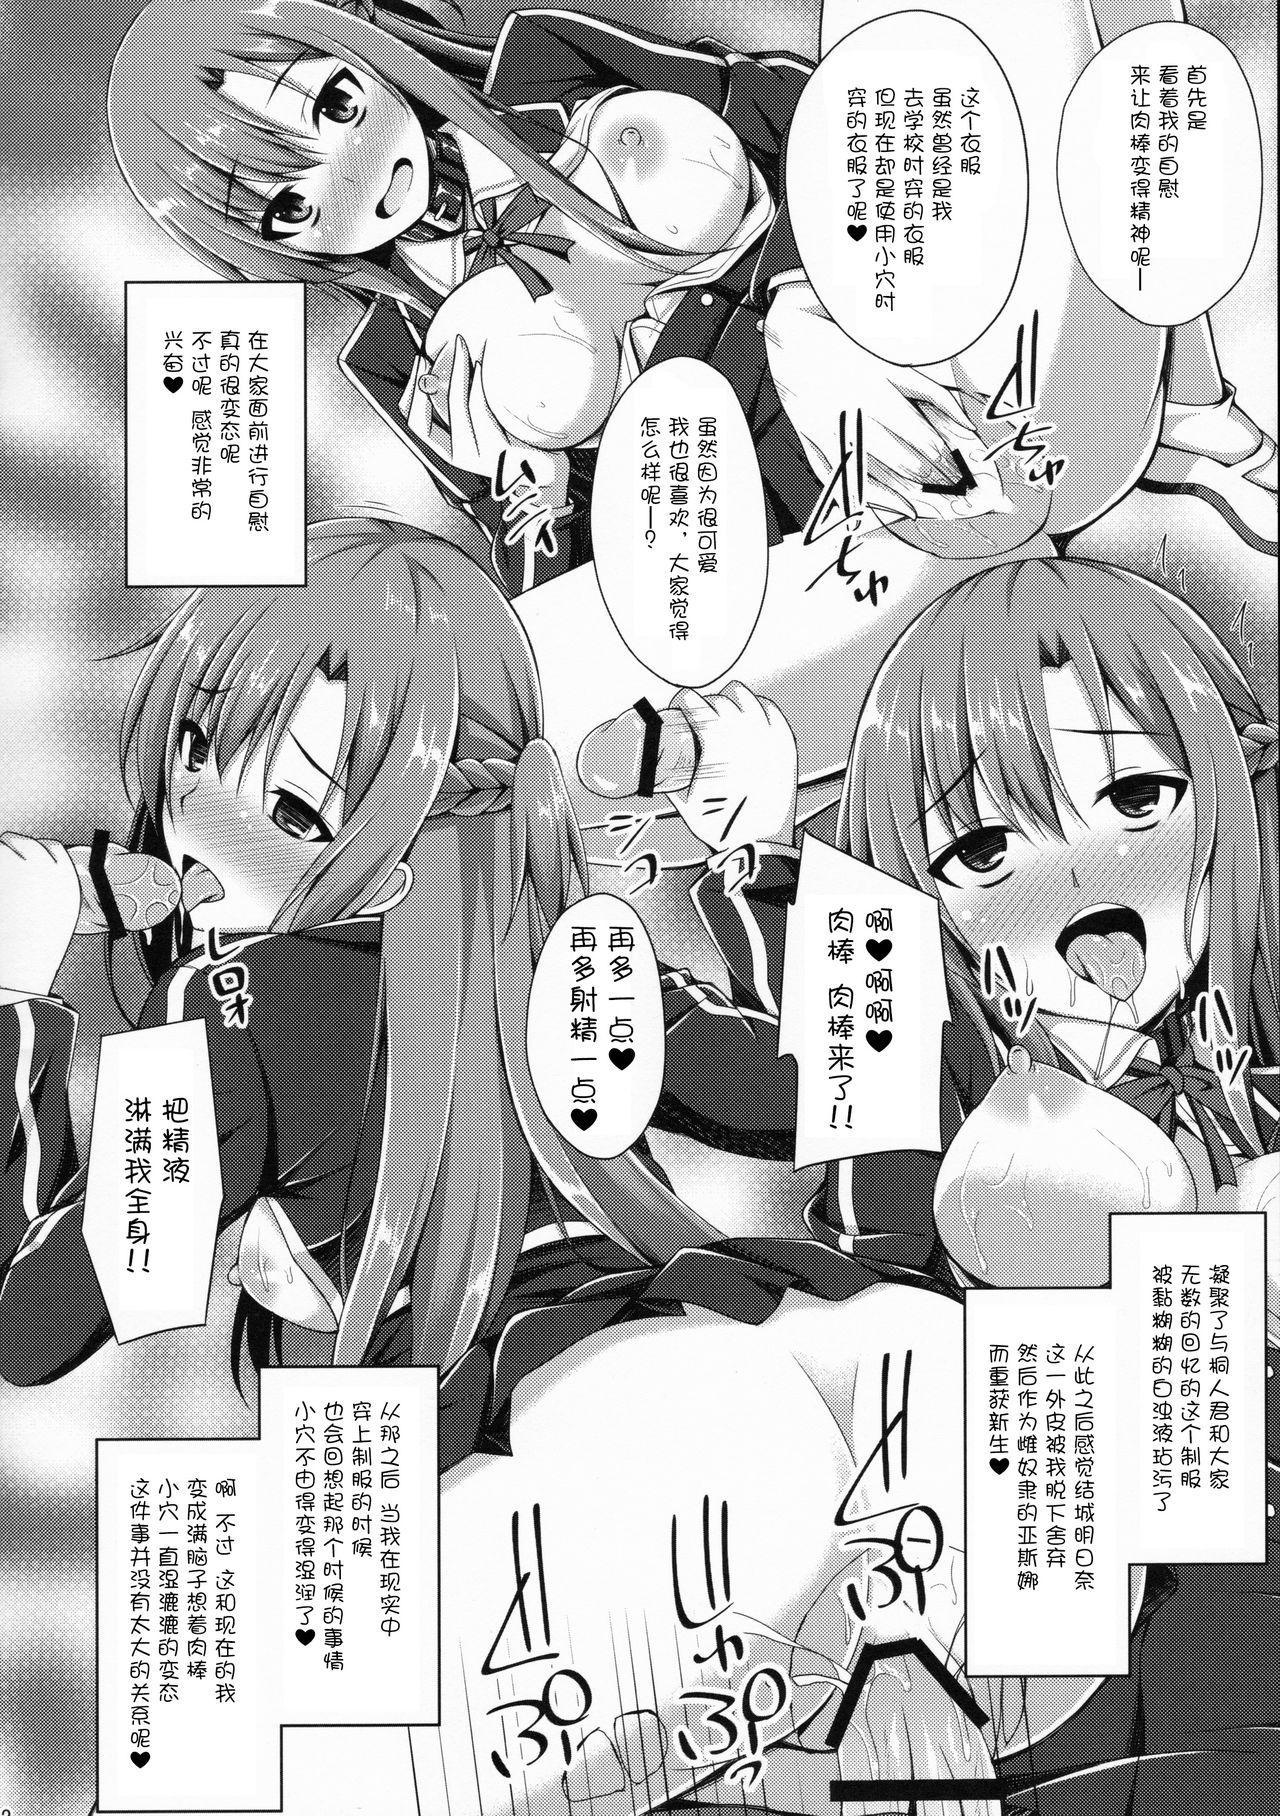 Ore no Ai shita Kanojo wa mou Inai... 10